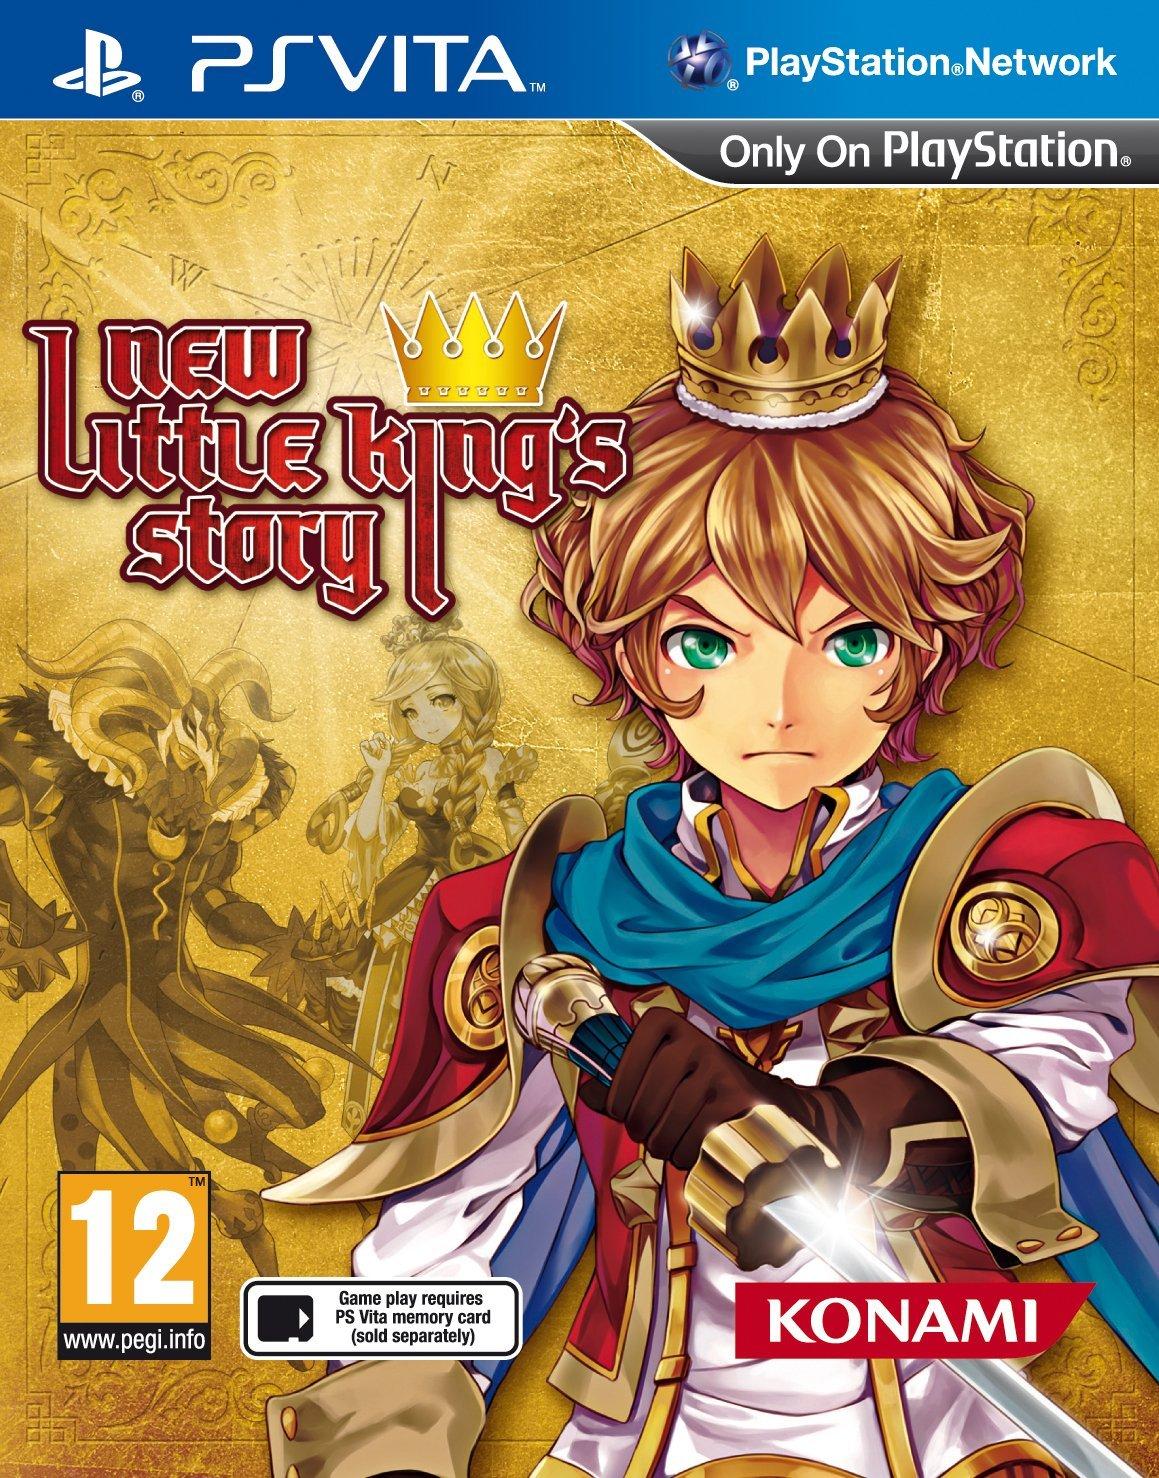 New Little Kings Story